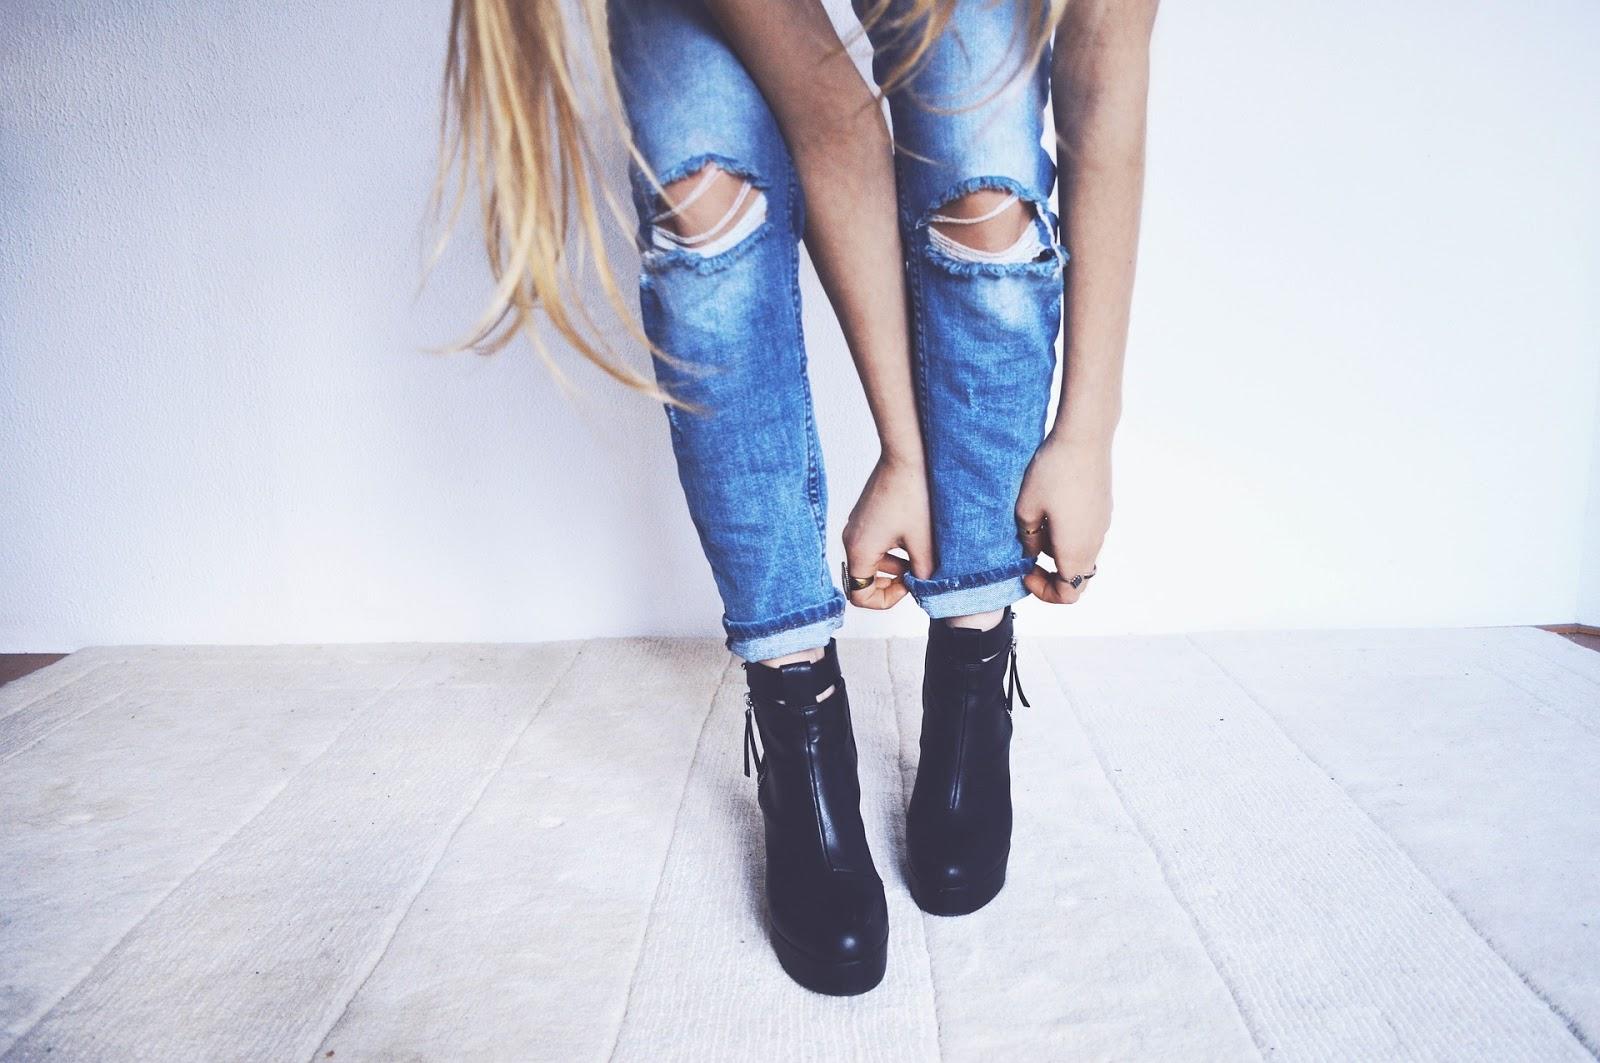 jeans trends 2018 f r damen alle neuen styles und looks f r fr hjahr sommer im berblick. Black Bedroom Furniture Sets. Home Design Ideas